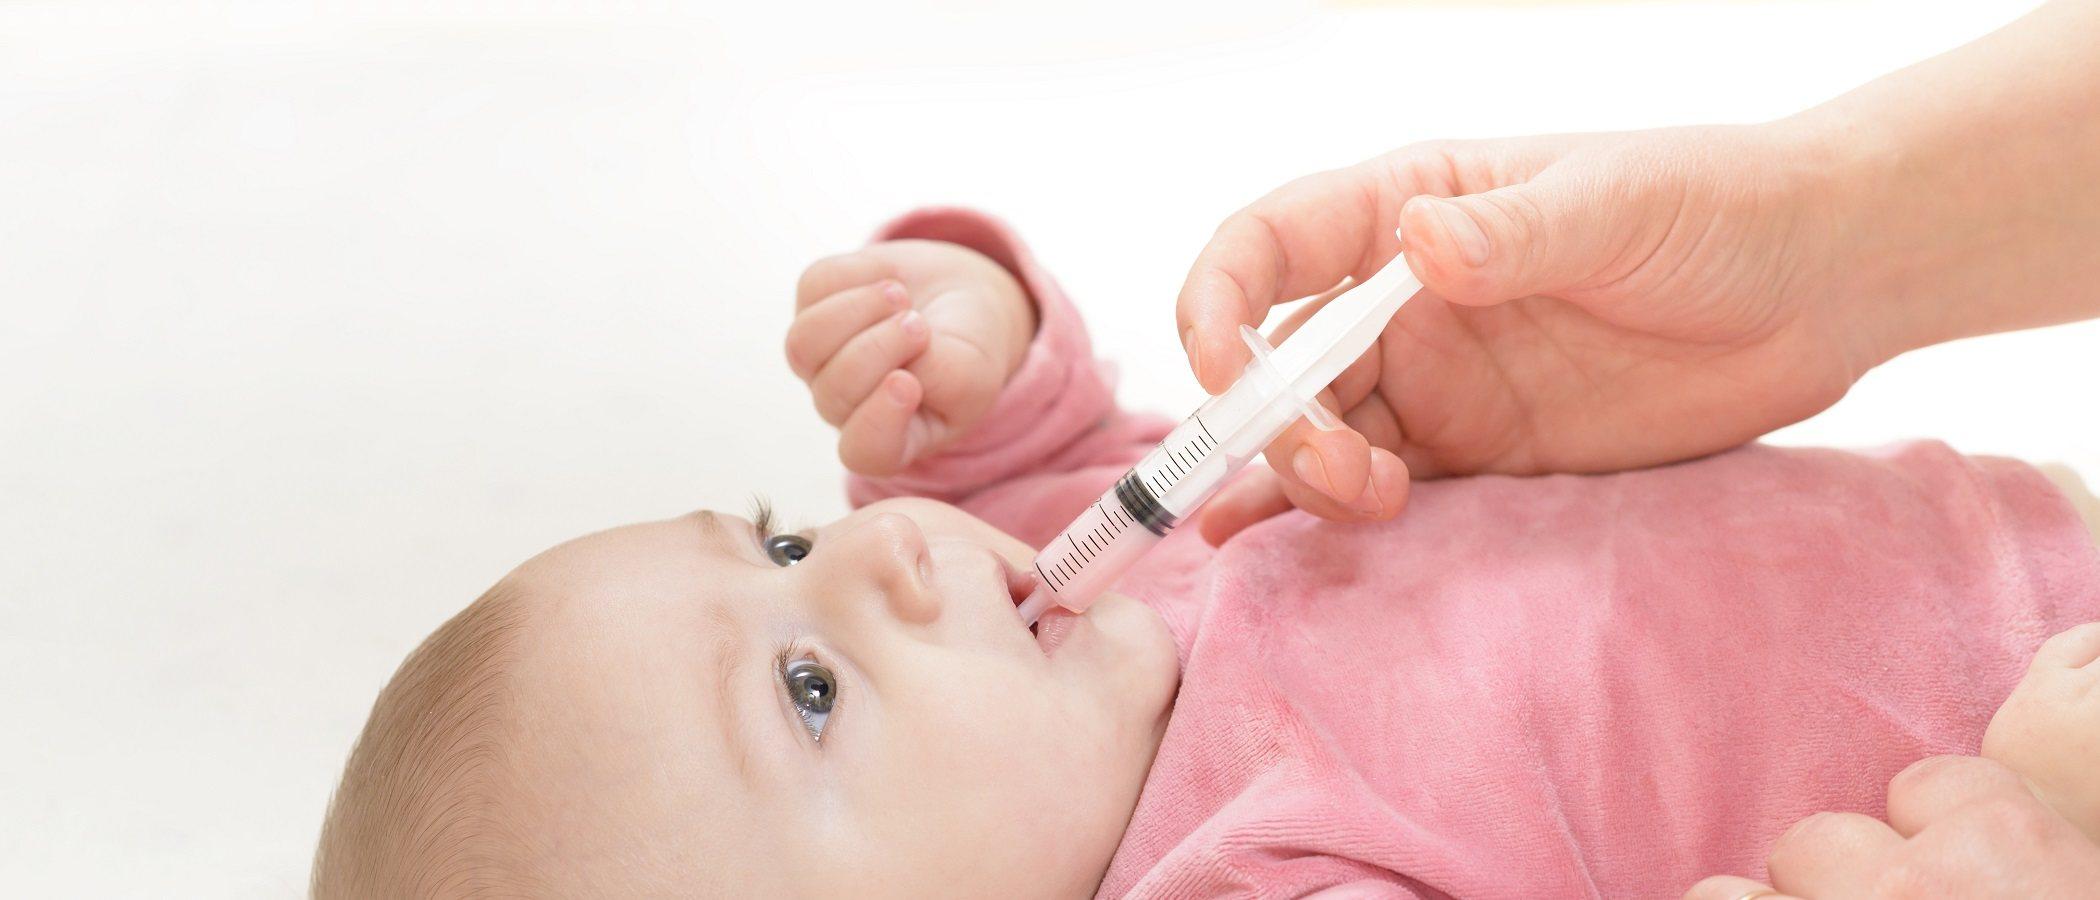 La dosis adecuada de paracetamol e ibuprofeno para los niños